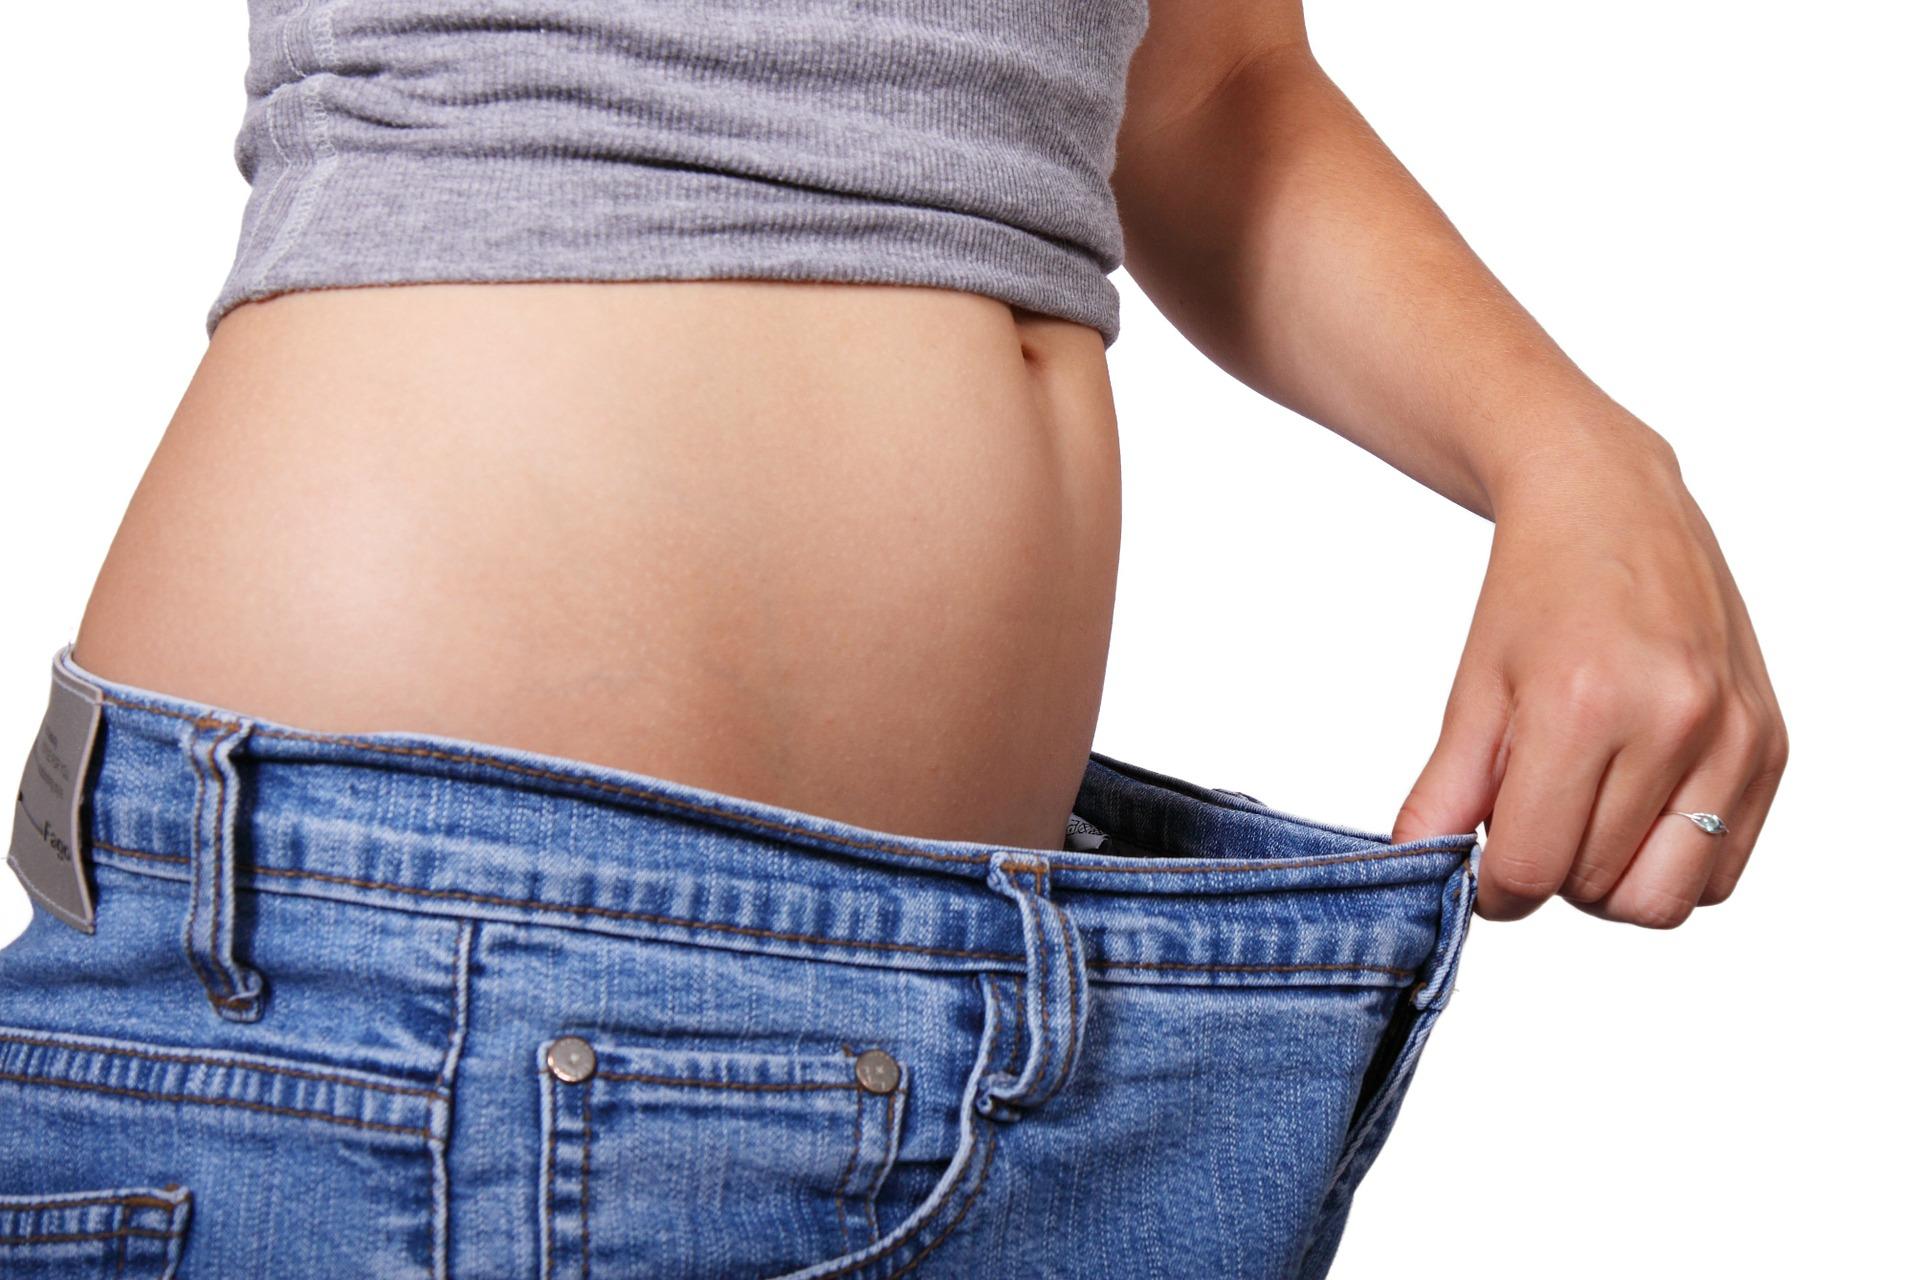 l'œstrogène, le poids idéal